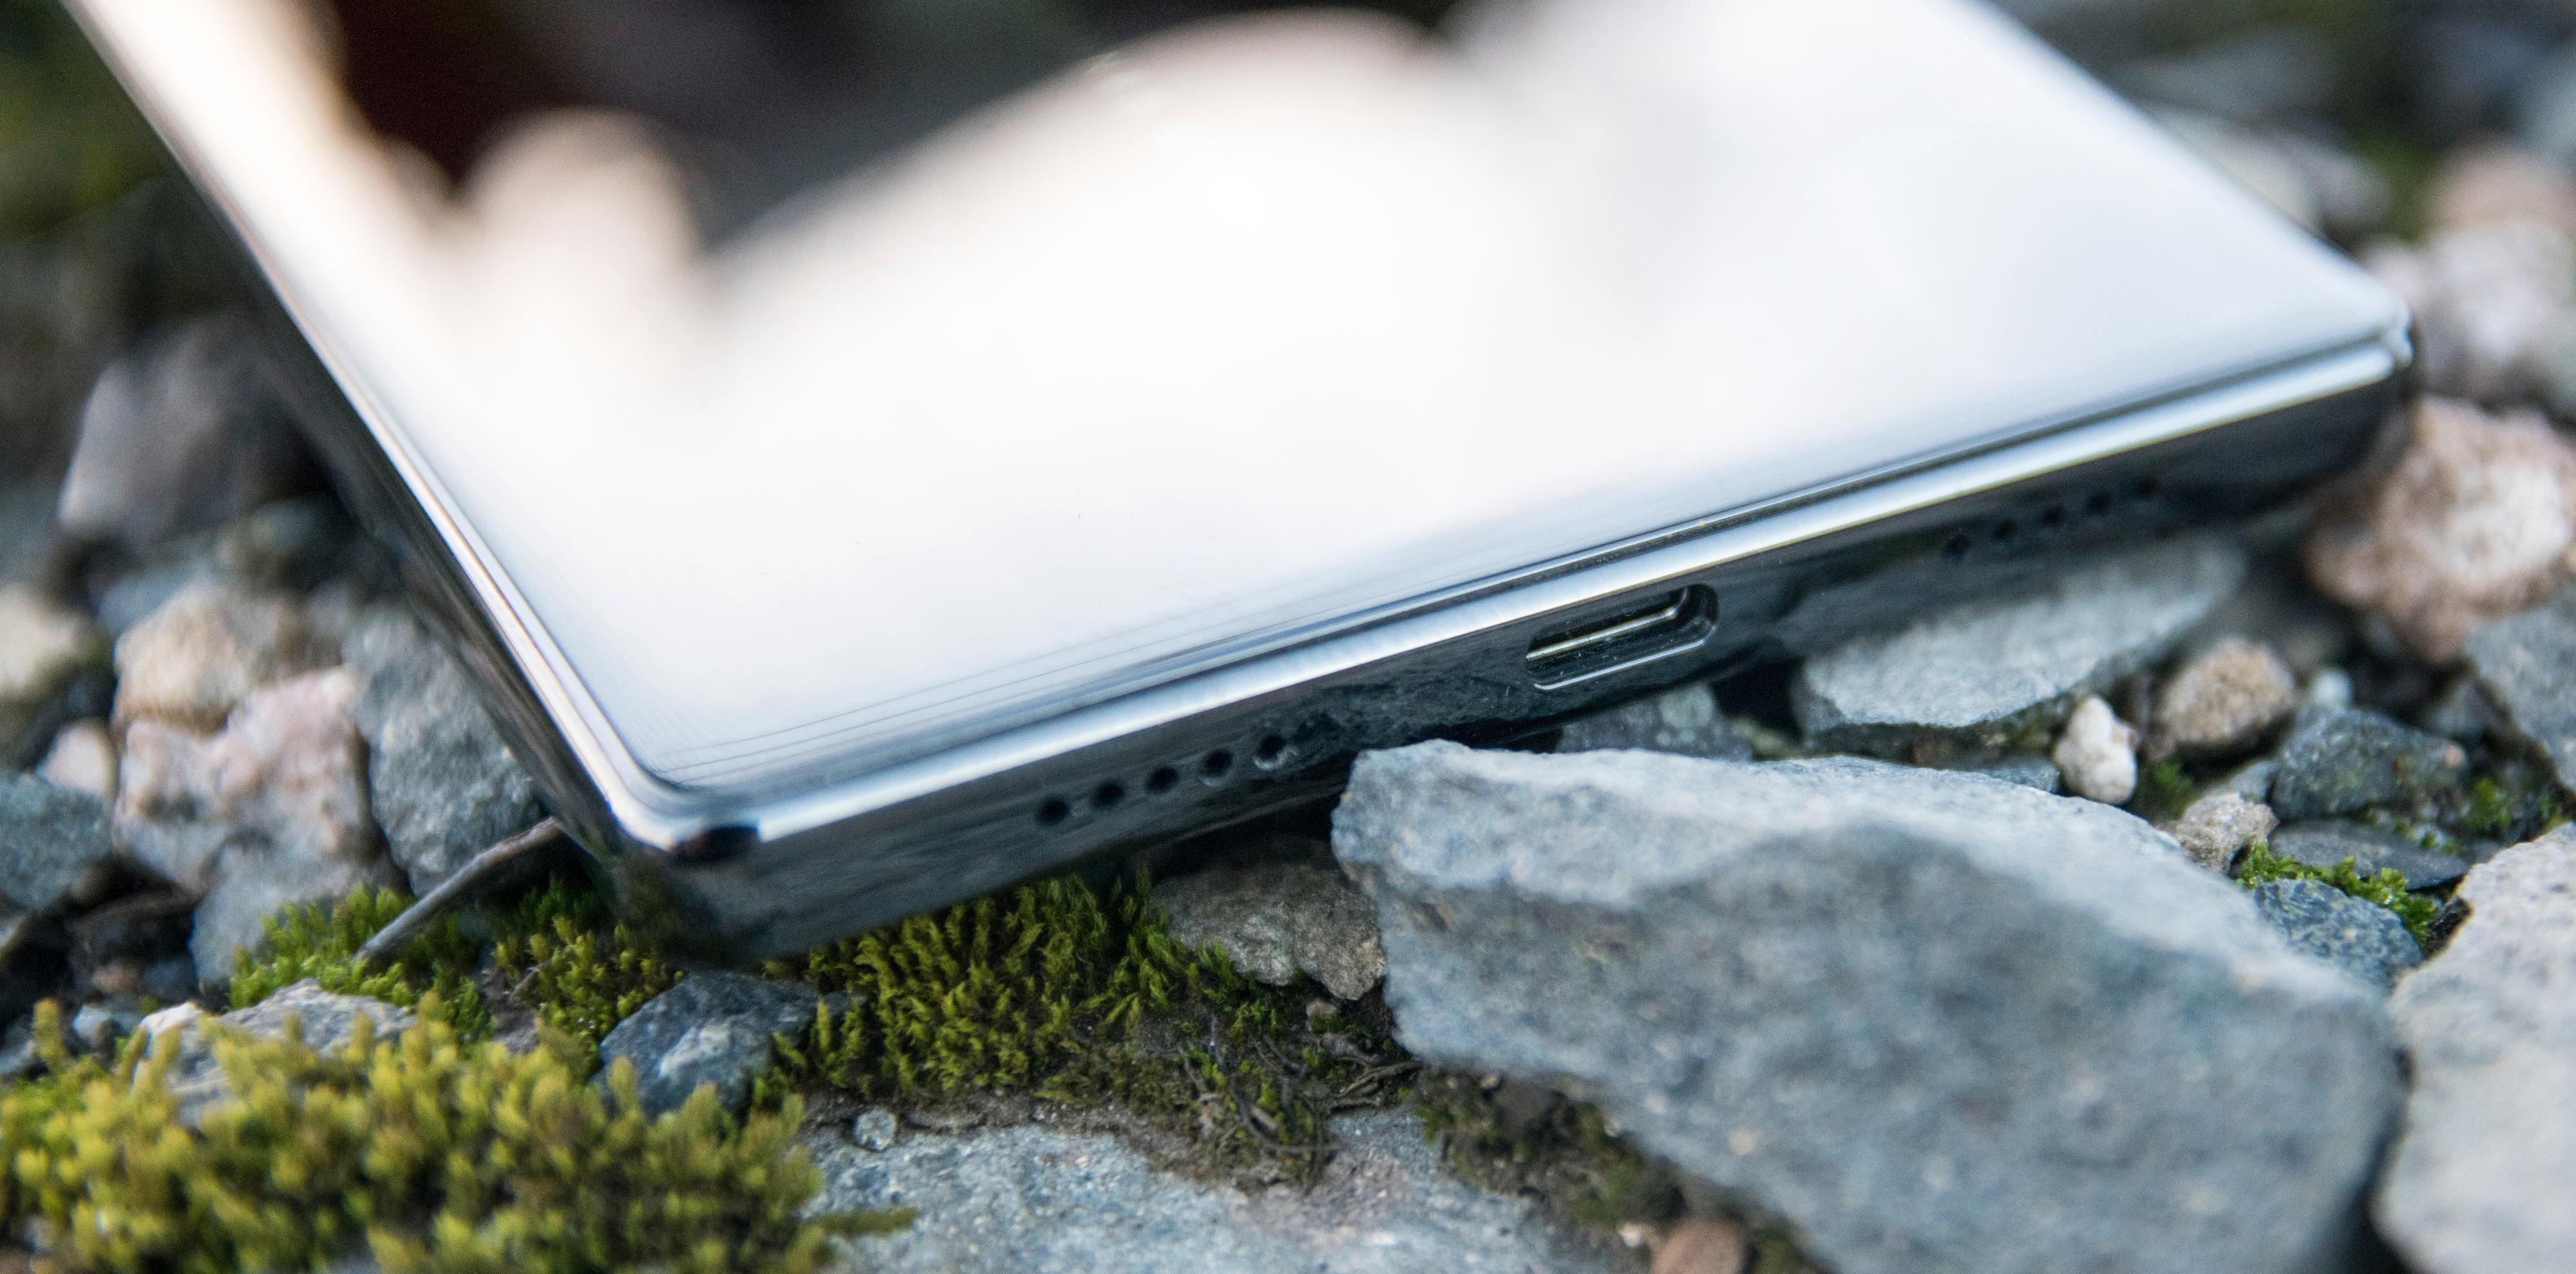 Batteriet varer i evigheter, og når det er tomt lader du telefonen raskt igjen med USB type-C og Qualcomms Quick Charge 3.0. Telefonen bruker rundt en halvtime på å nå 80 prosent.